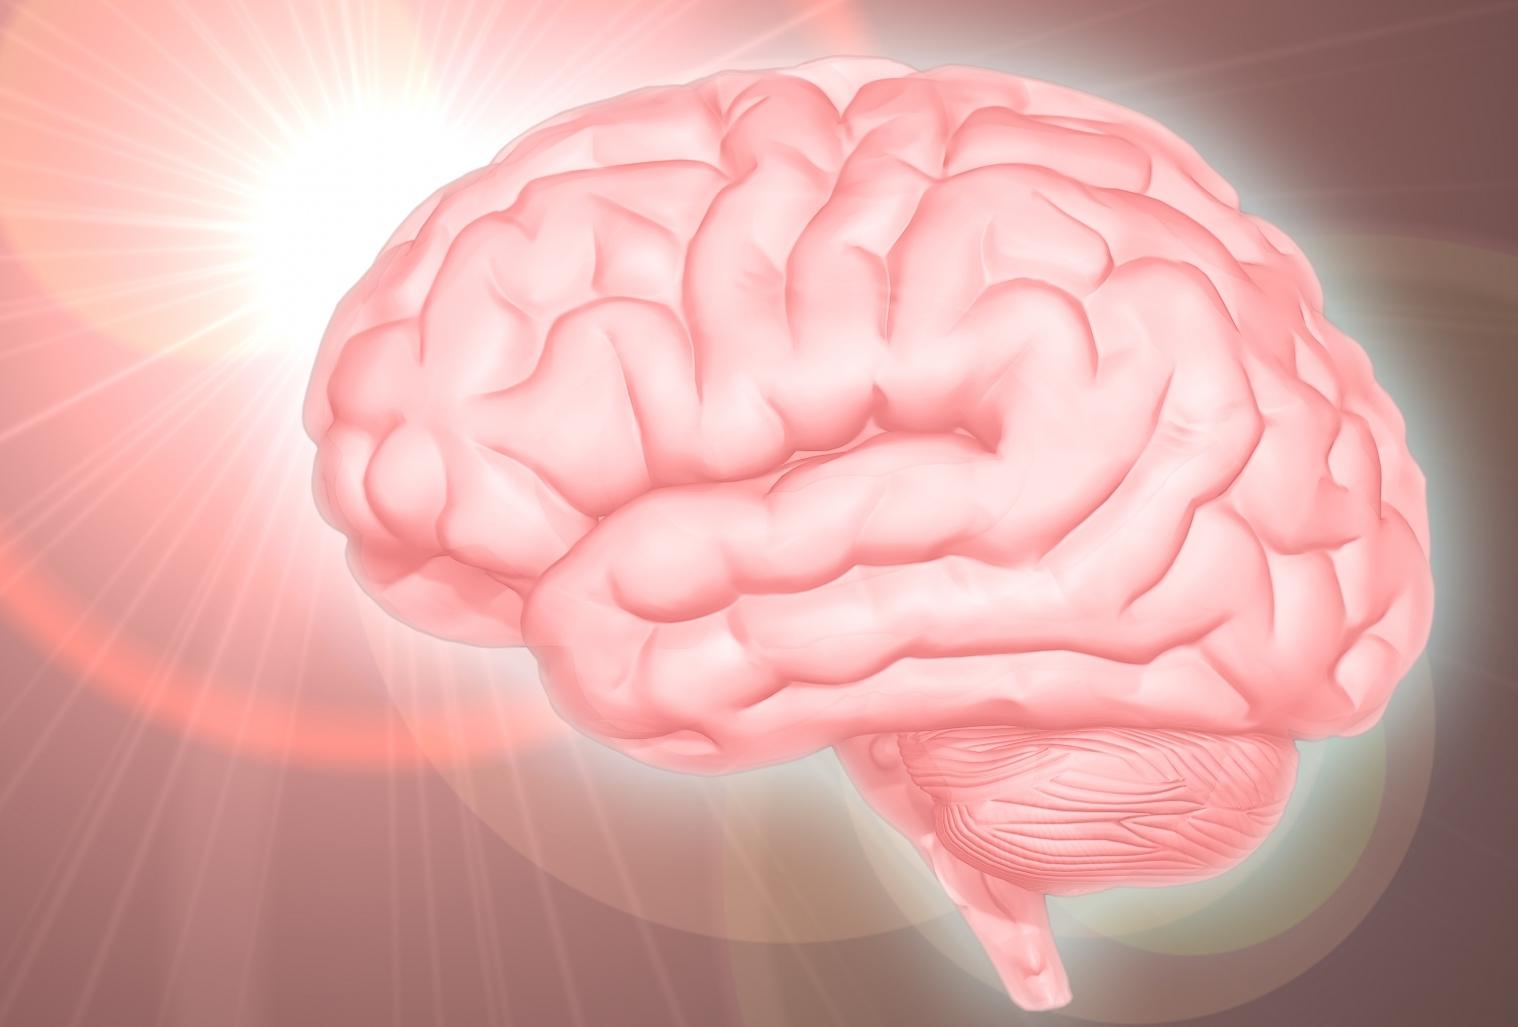 高額情報商材・知識共有プラットフォーム「Brain(ブレインマーケット)」の詐欺被害の返金方法・手順・相談窓口【最終手段は弁護士・司法書士】